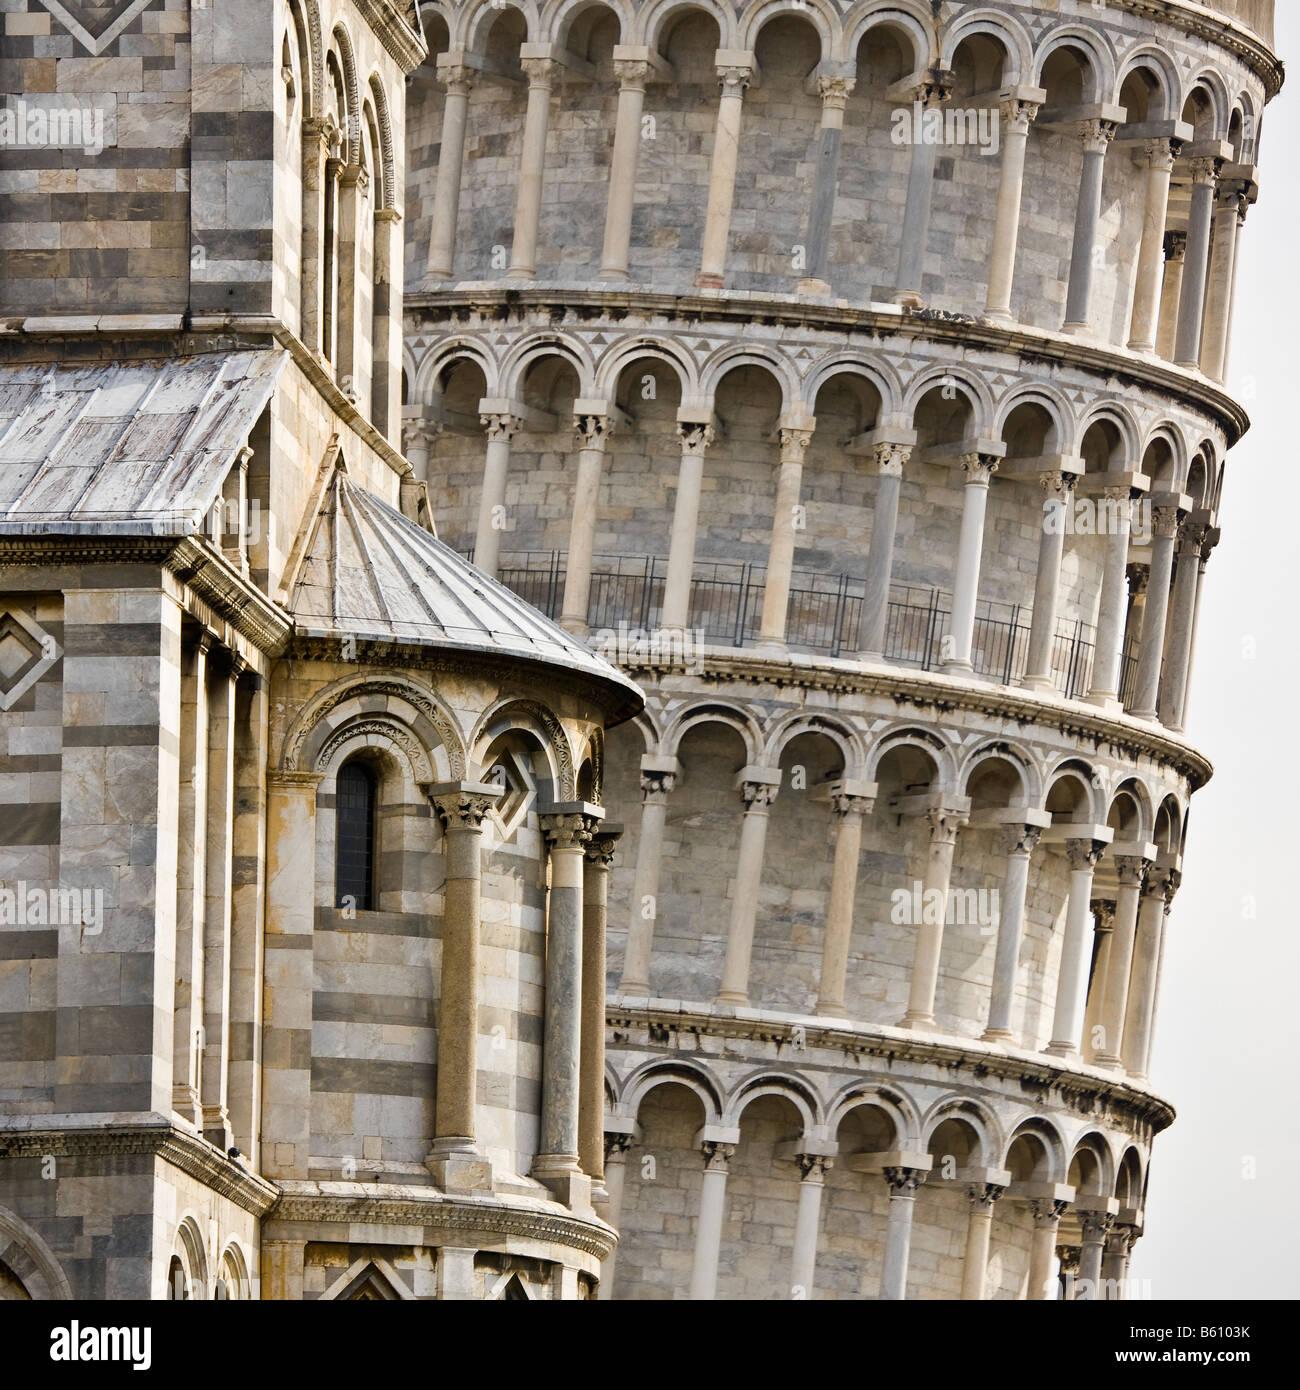 La torre di Pisa - Italia Immagini Stock